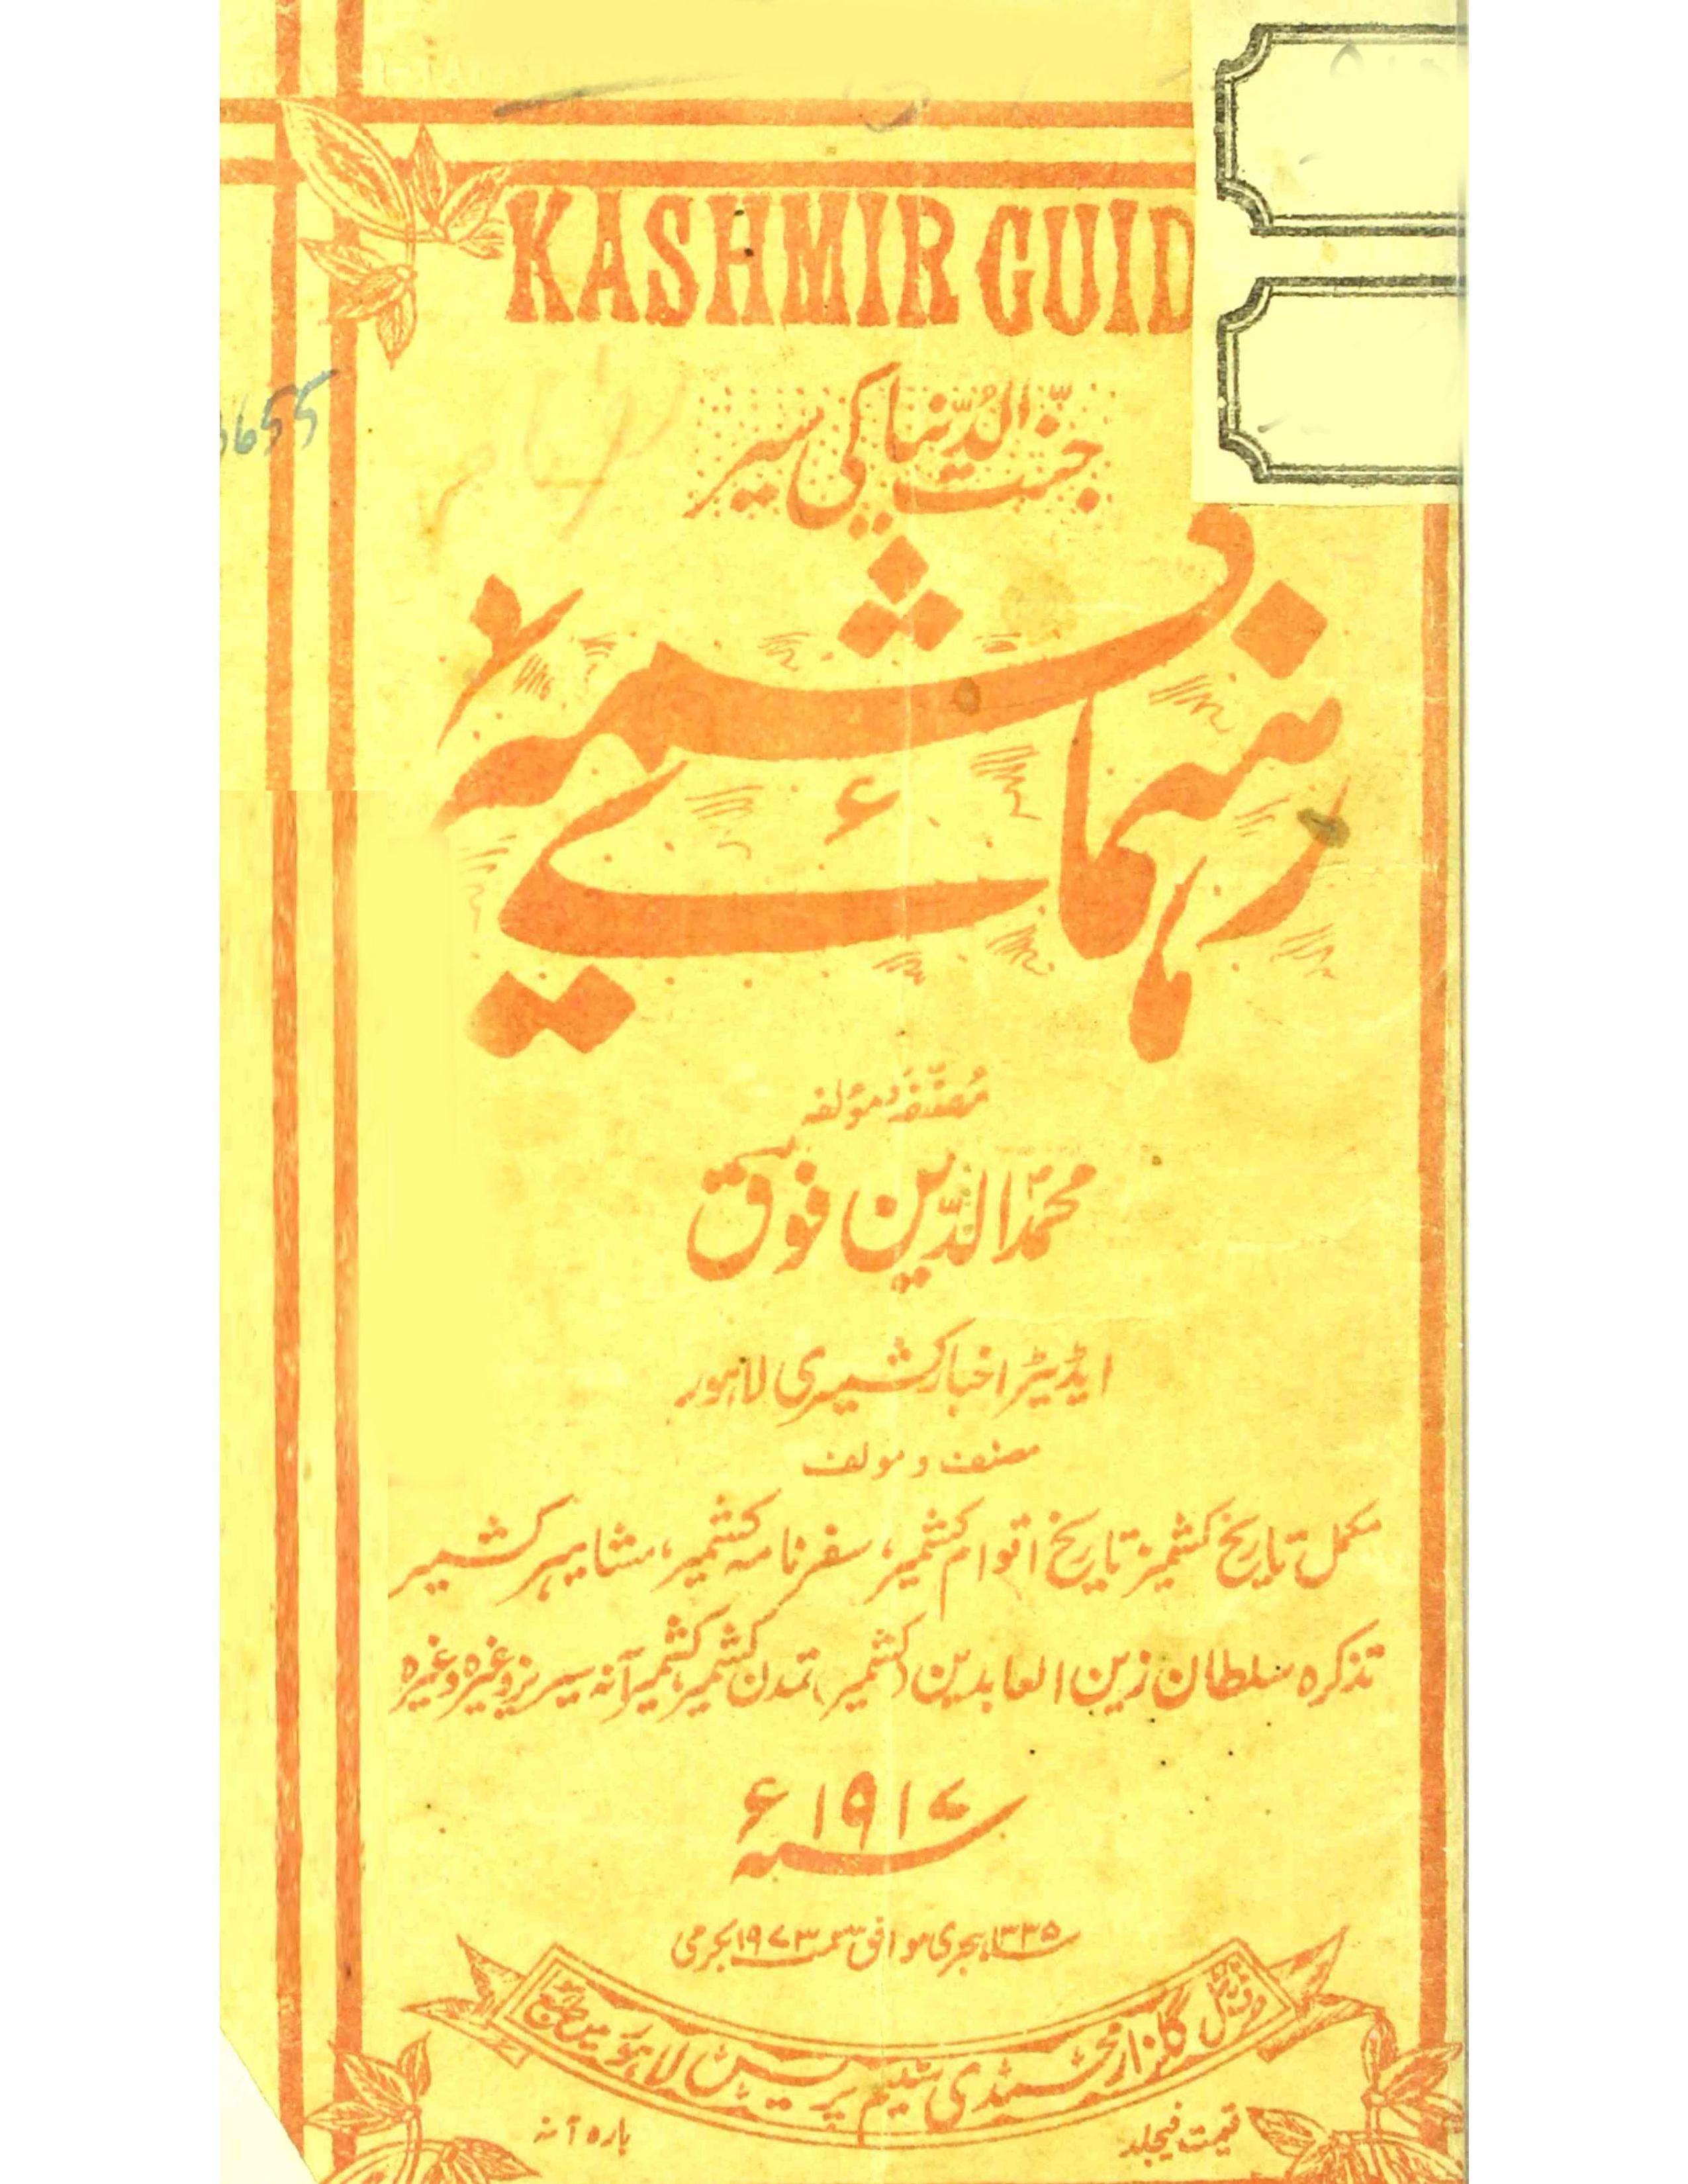 Rehnuma-e-Kashmir